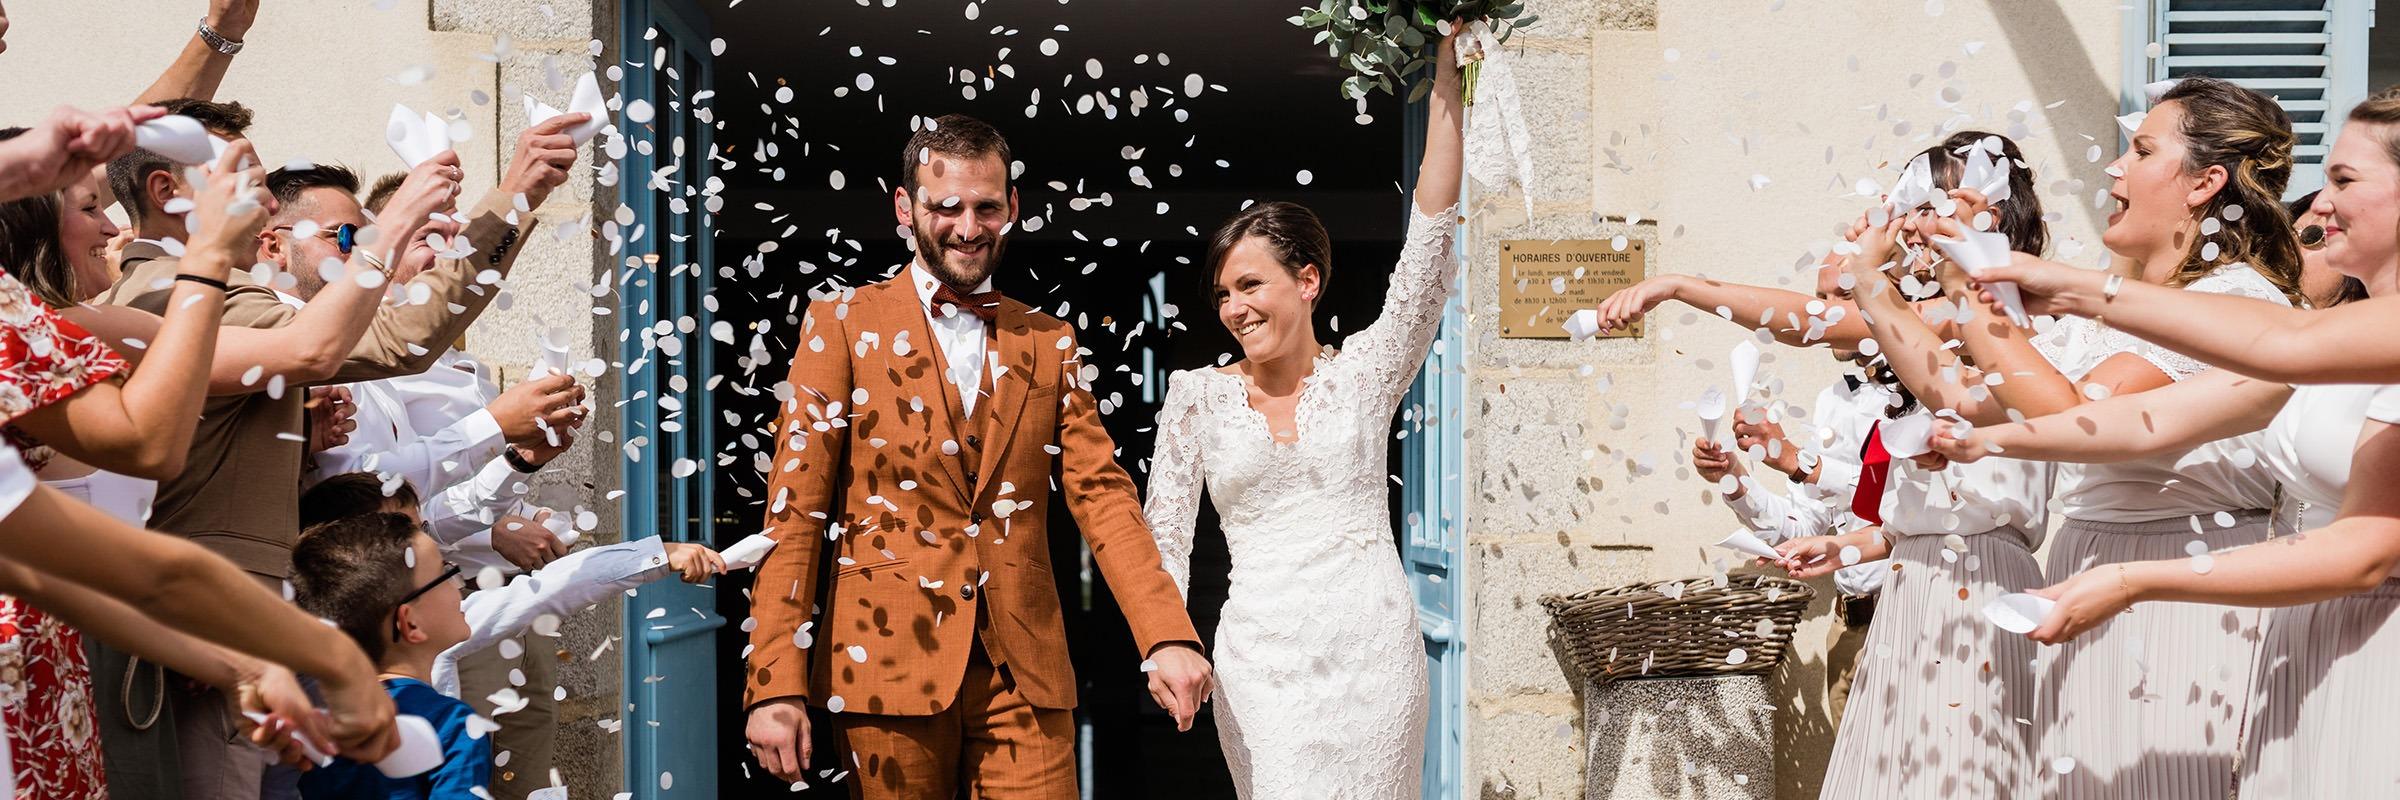 Mea Photography photographe de mariage à Rennes Vannes Lorient Saint Malo Fougères Bain de Bretagne (7)